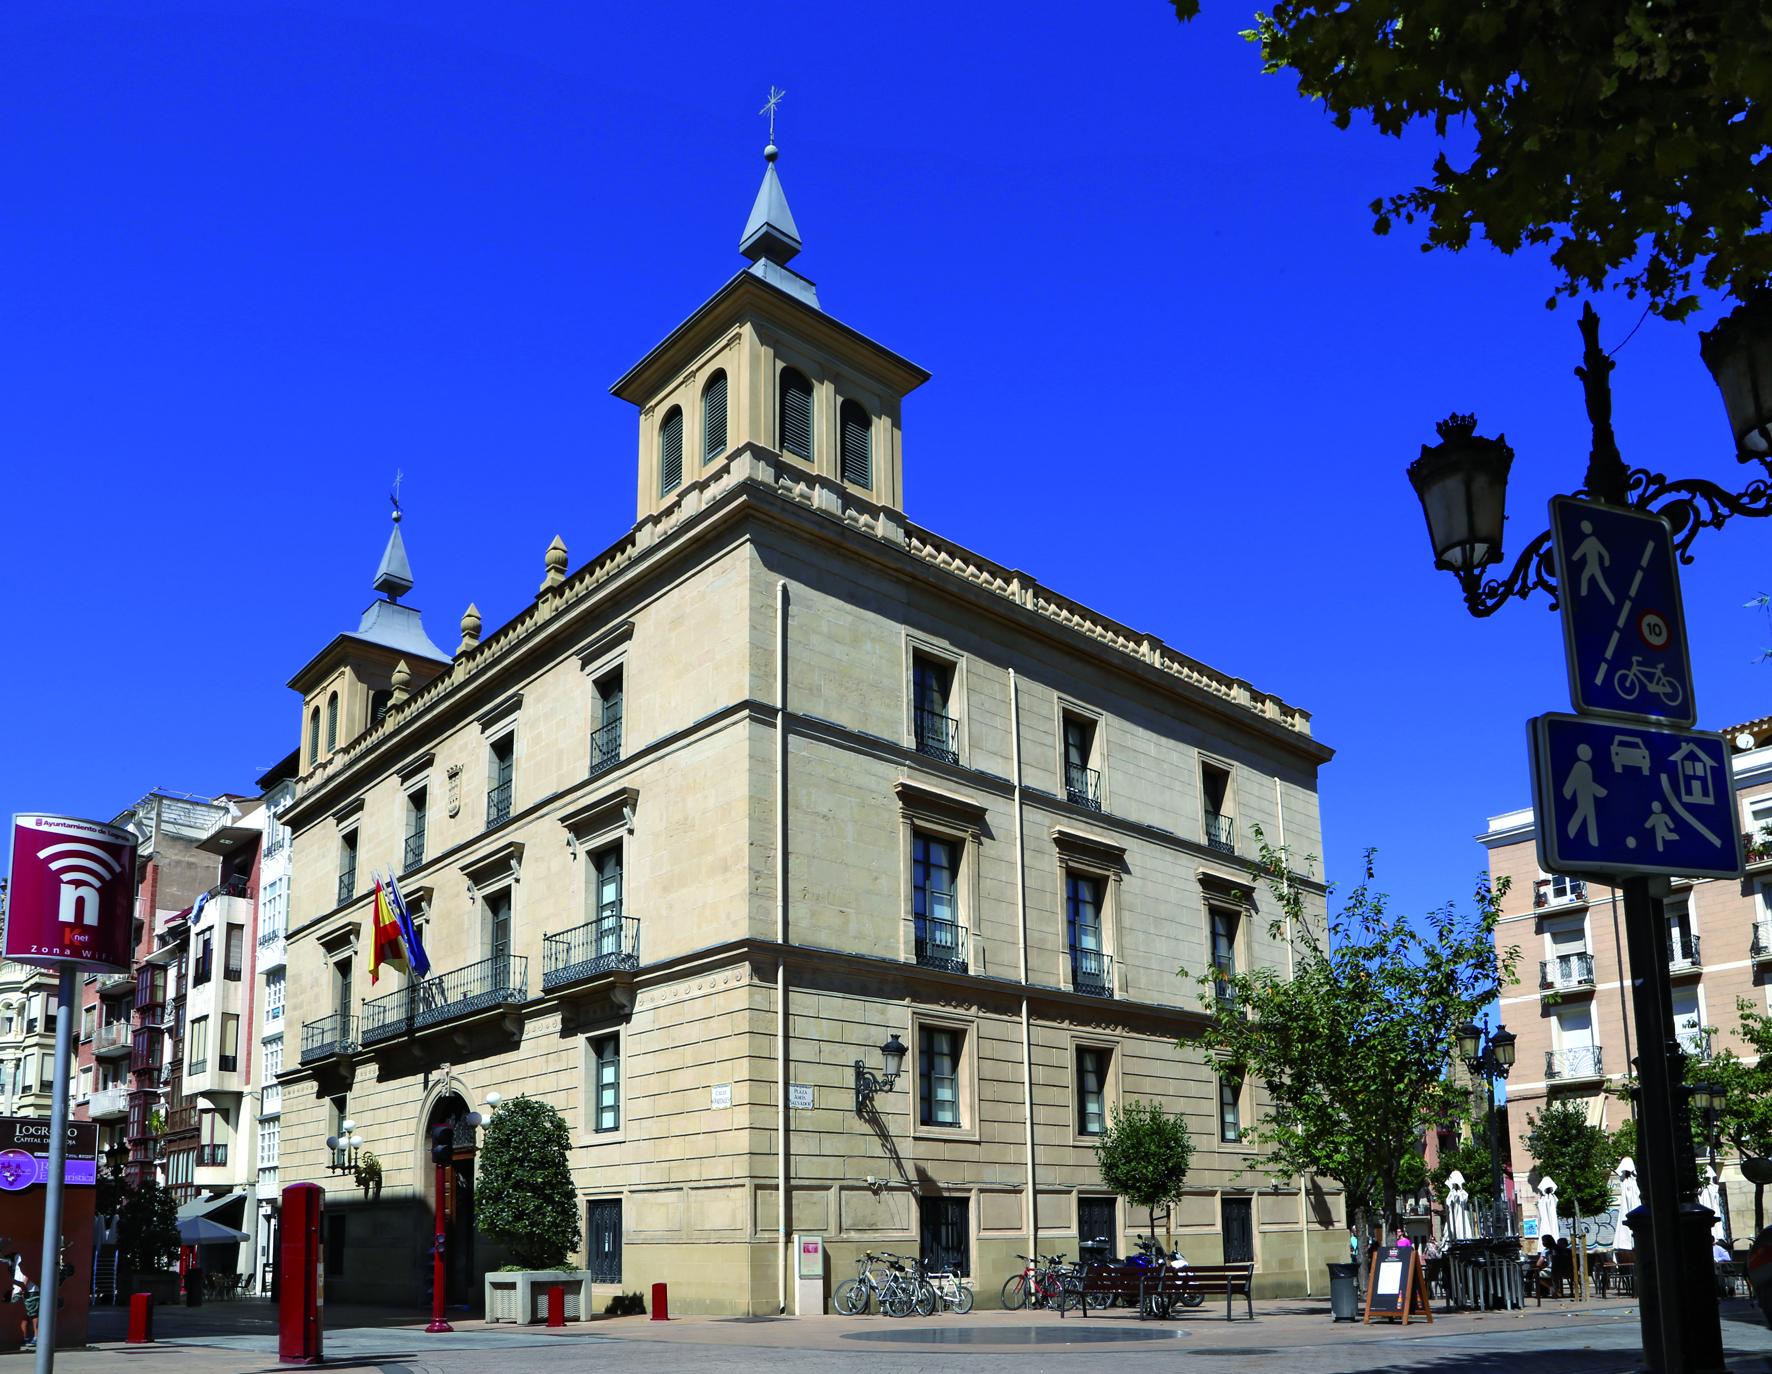 03. Palacio de los Chapiteles